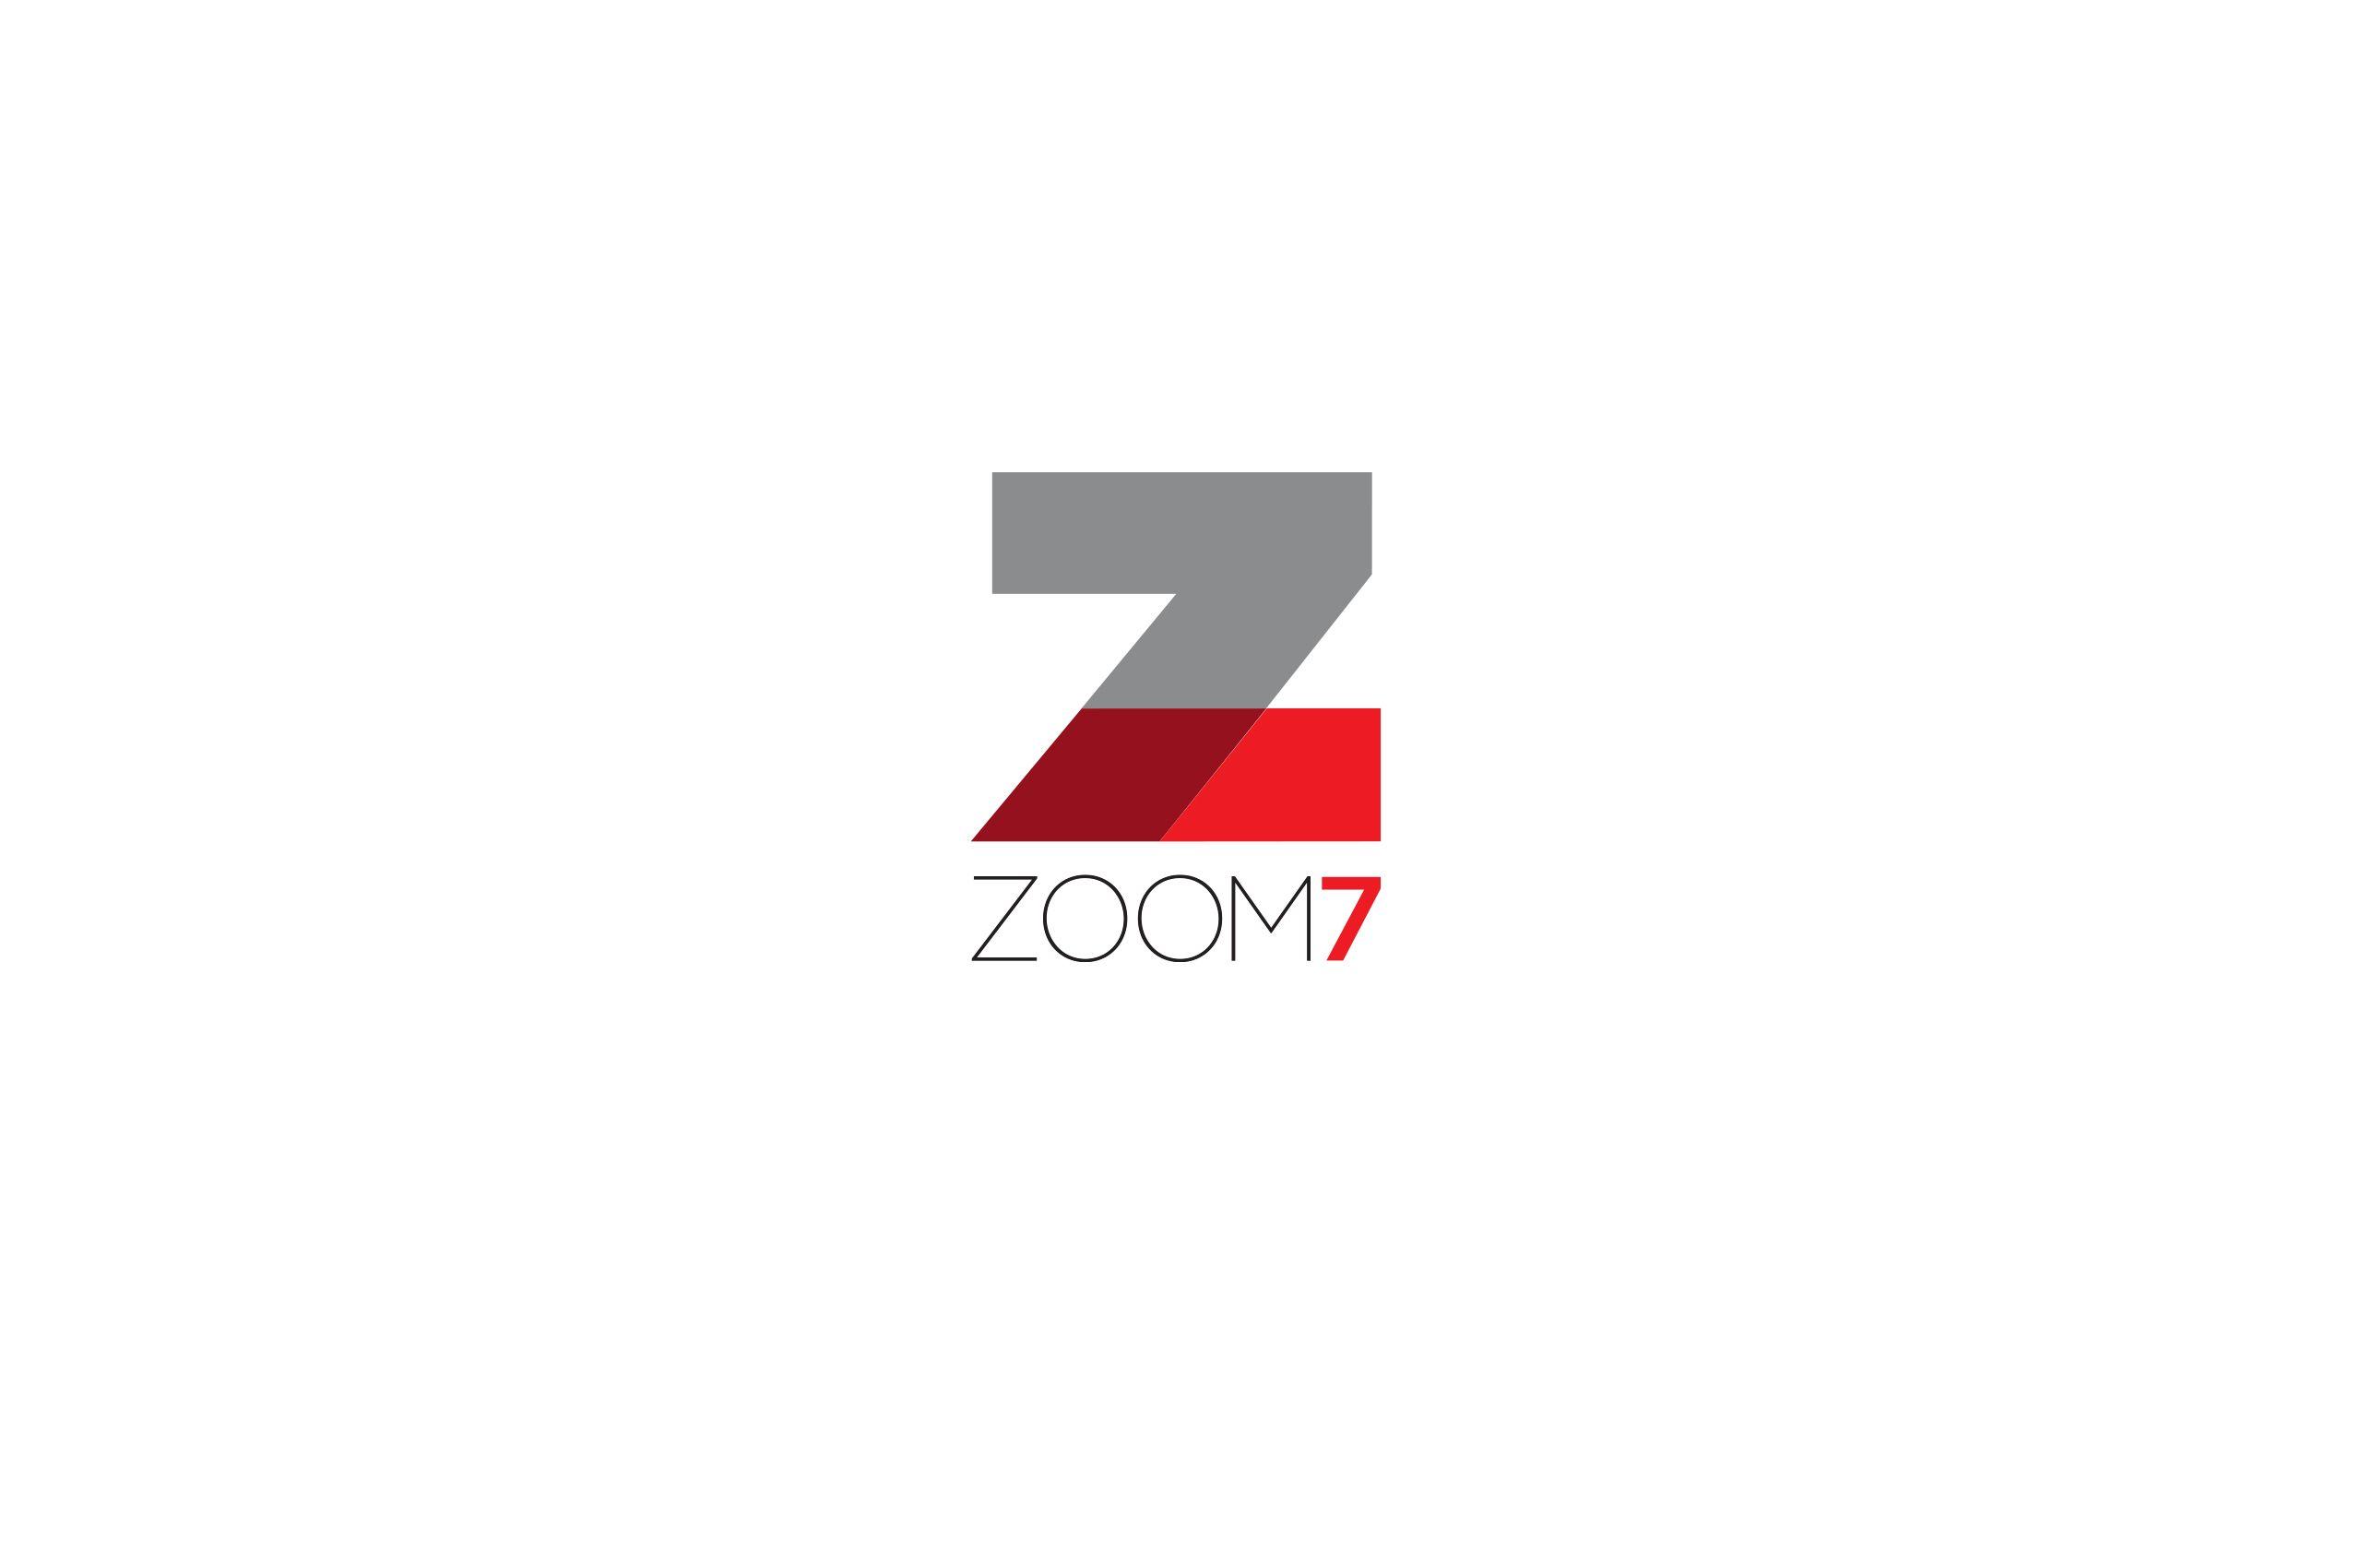 Zoom7.jpg